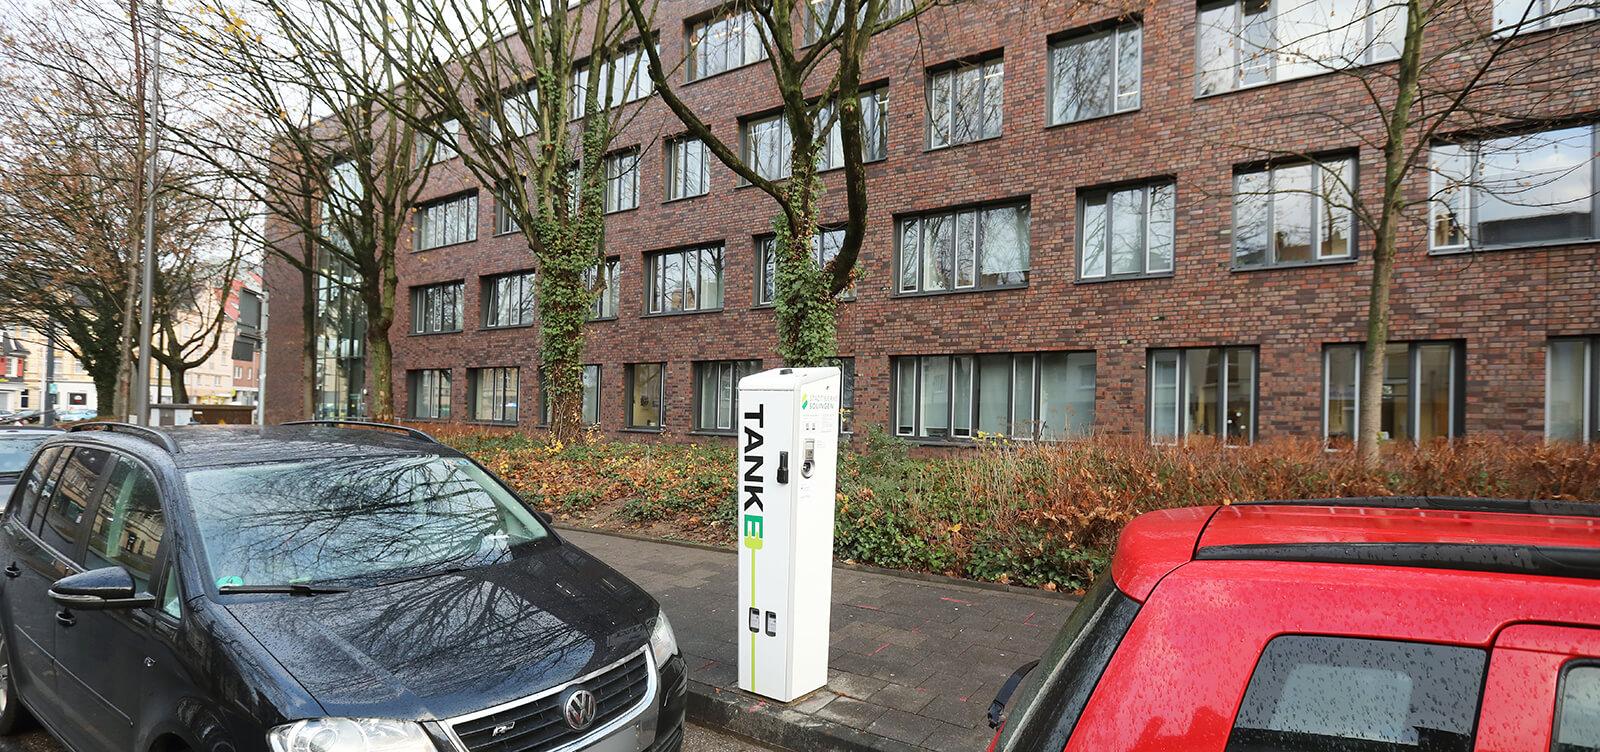 Ladesäule in der Merianstraße in Solingen vor dem Rathaus